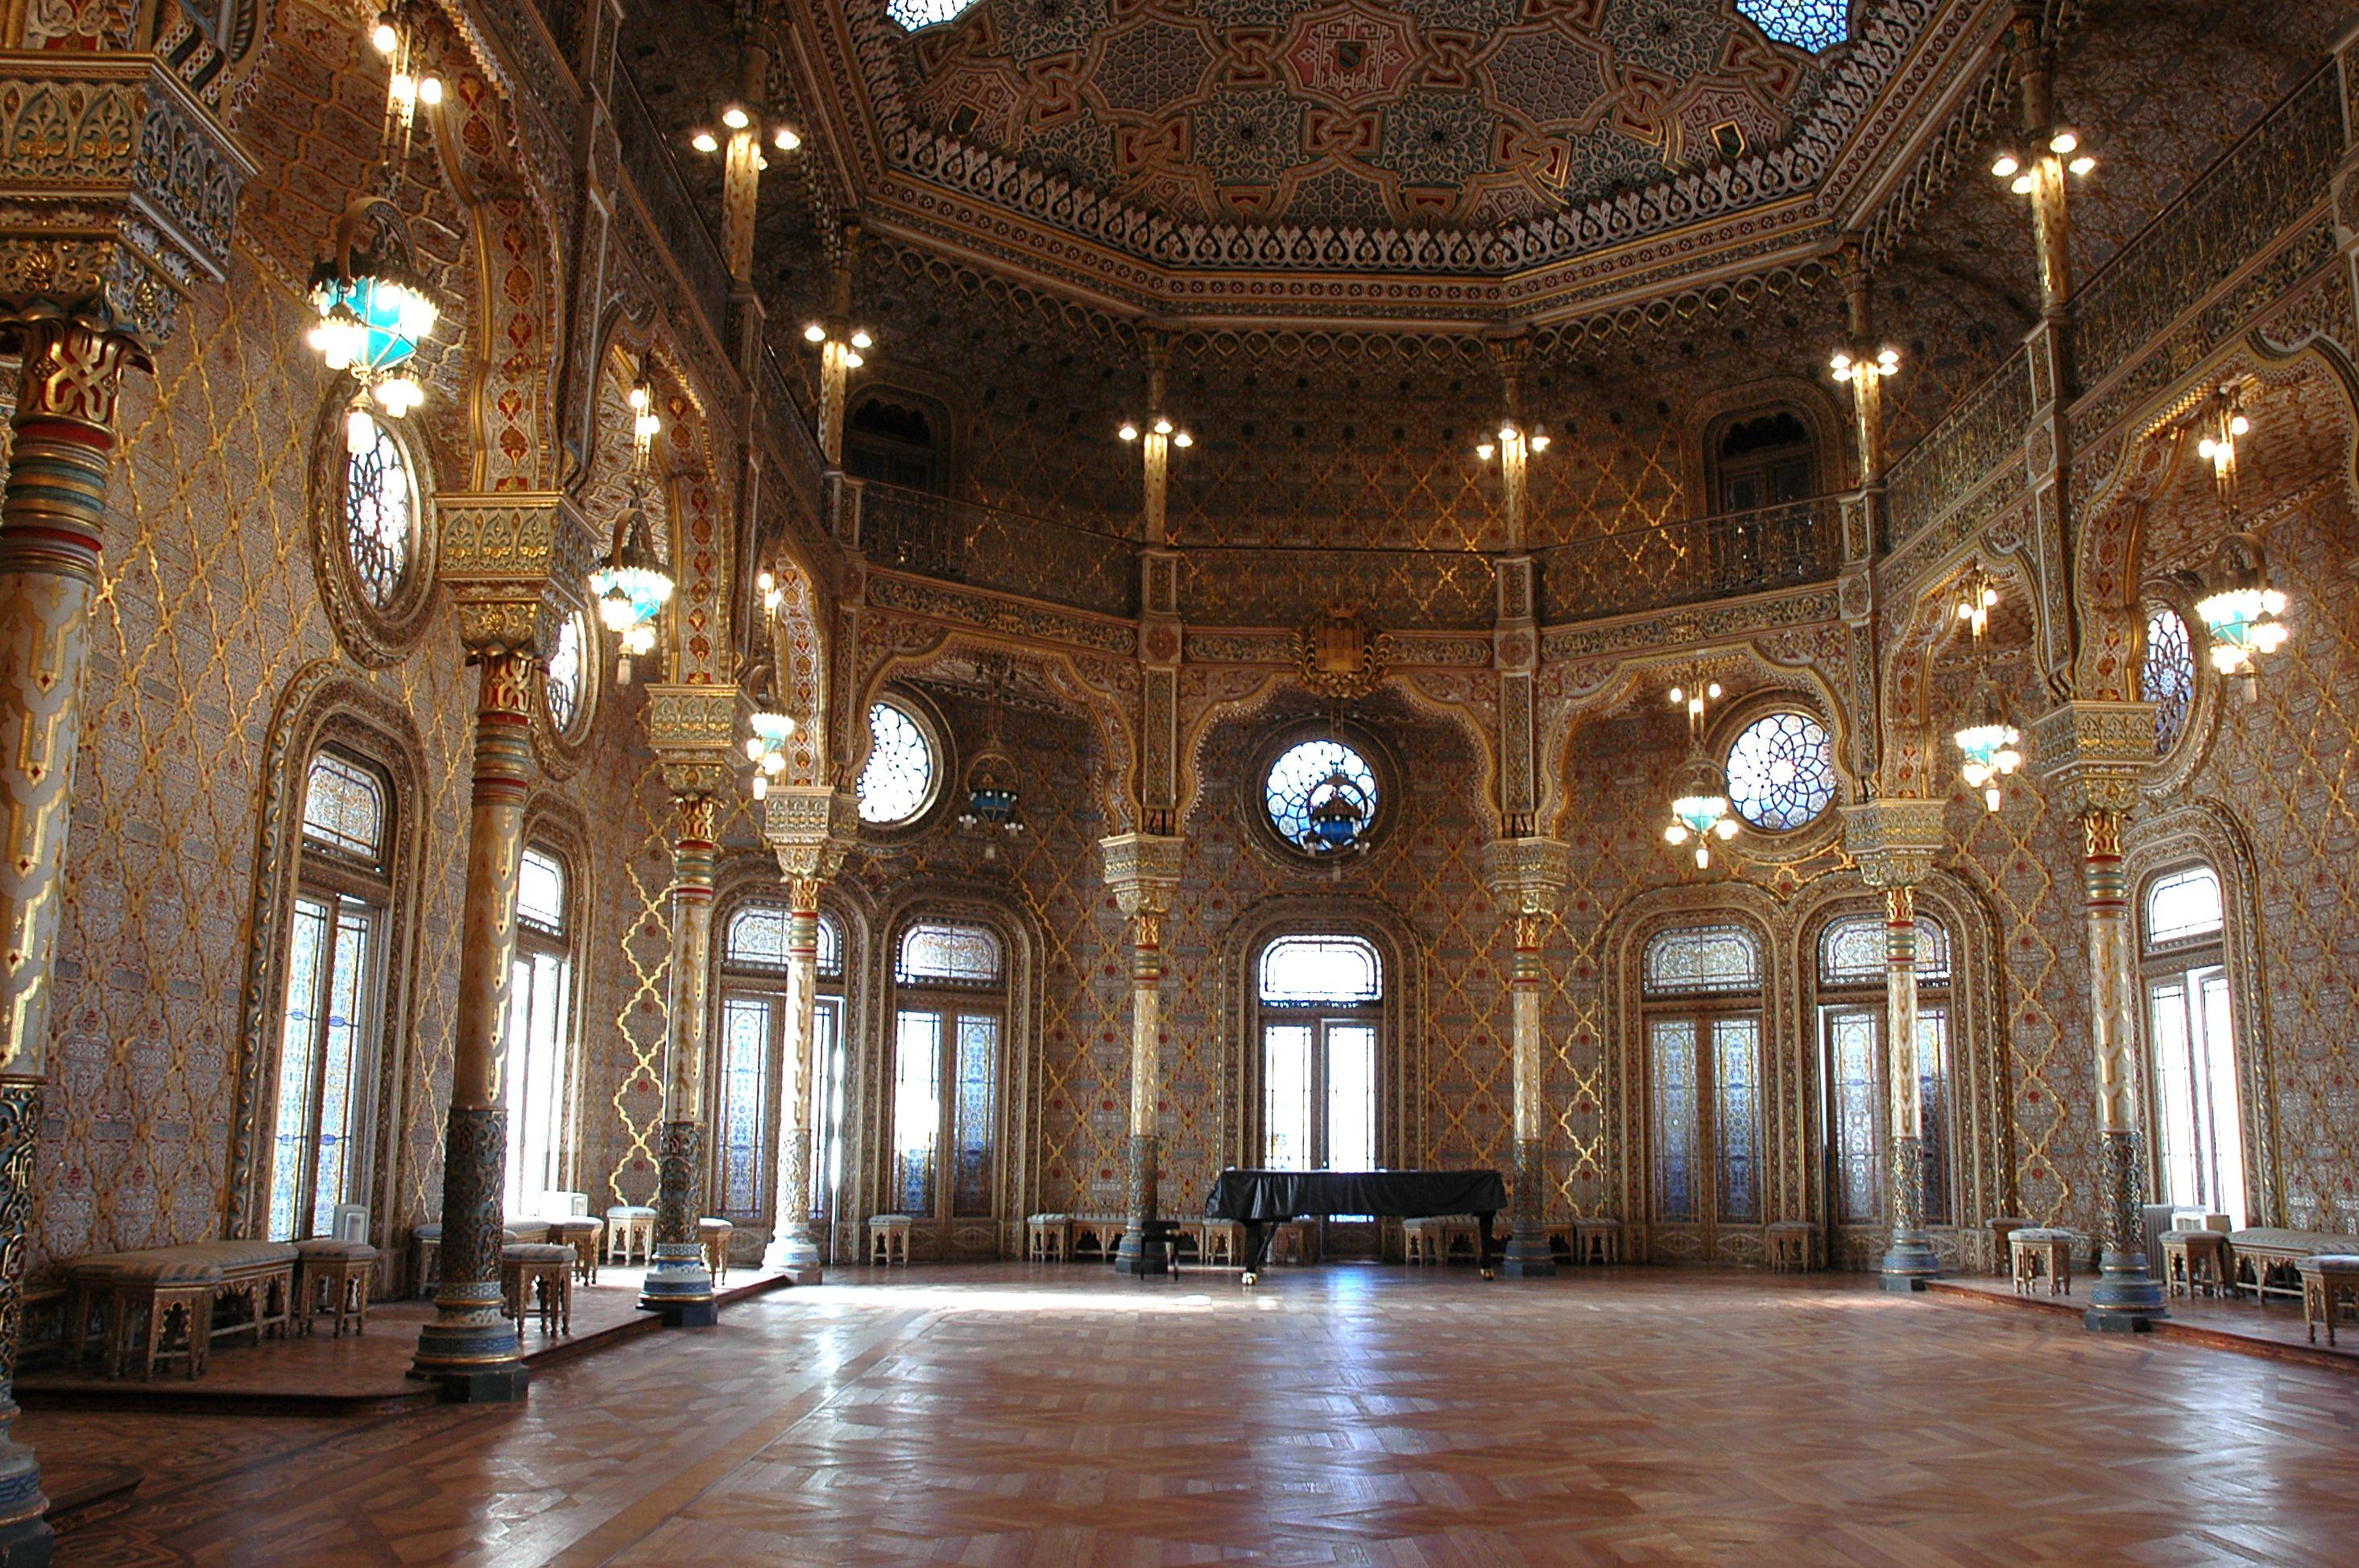 Things to Do in Porto: Visit Palácio da Bolsa